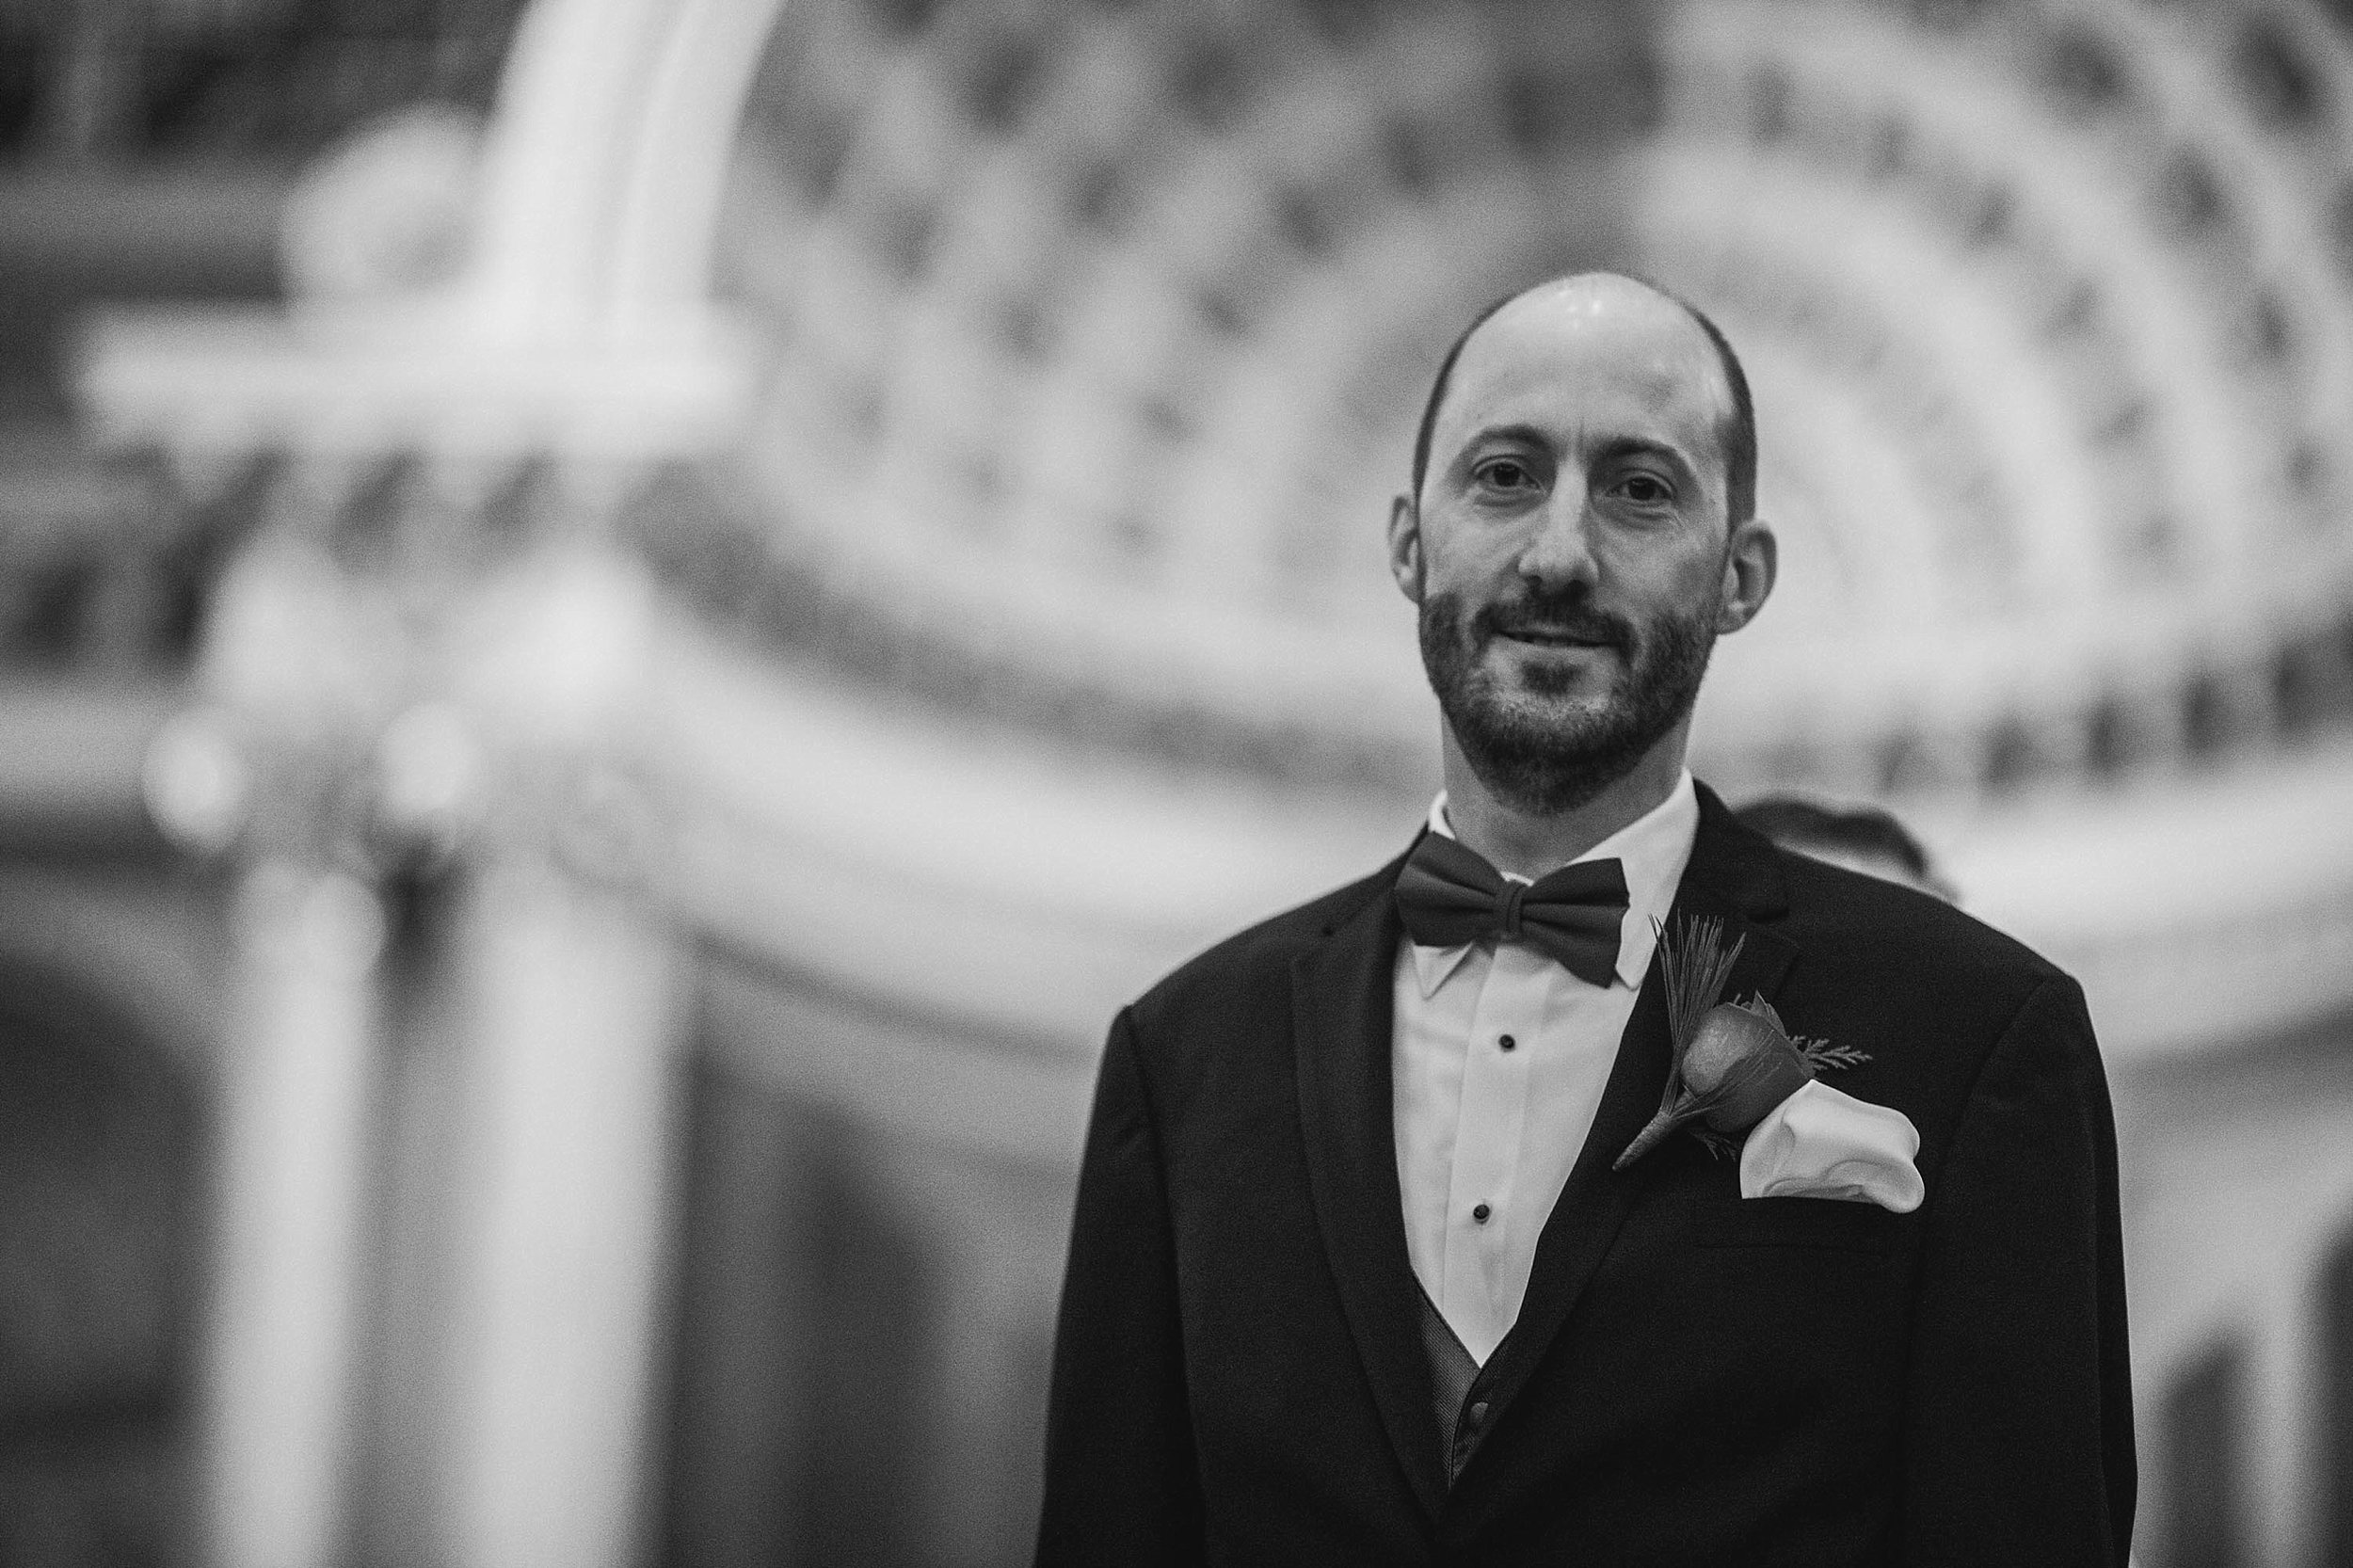 Omni-parker-wedding-31.jpg